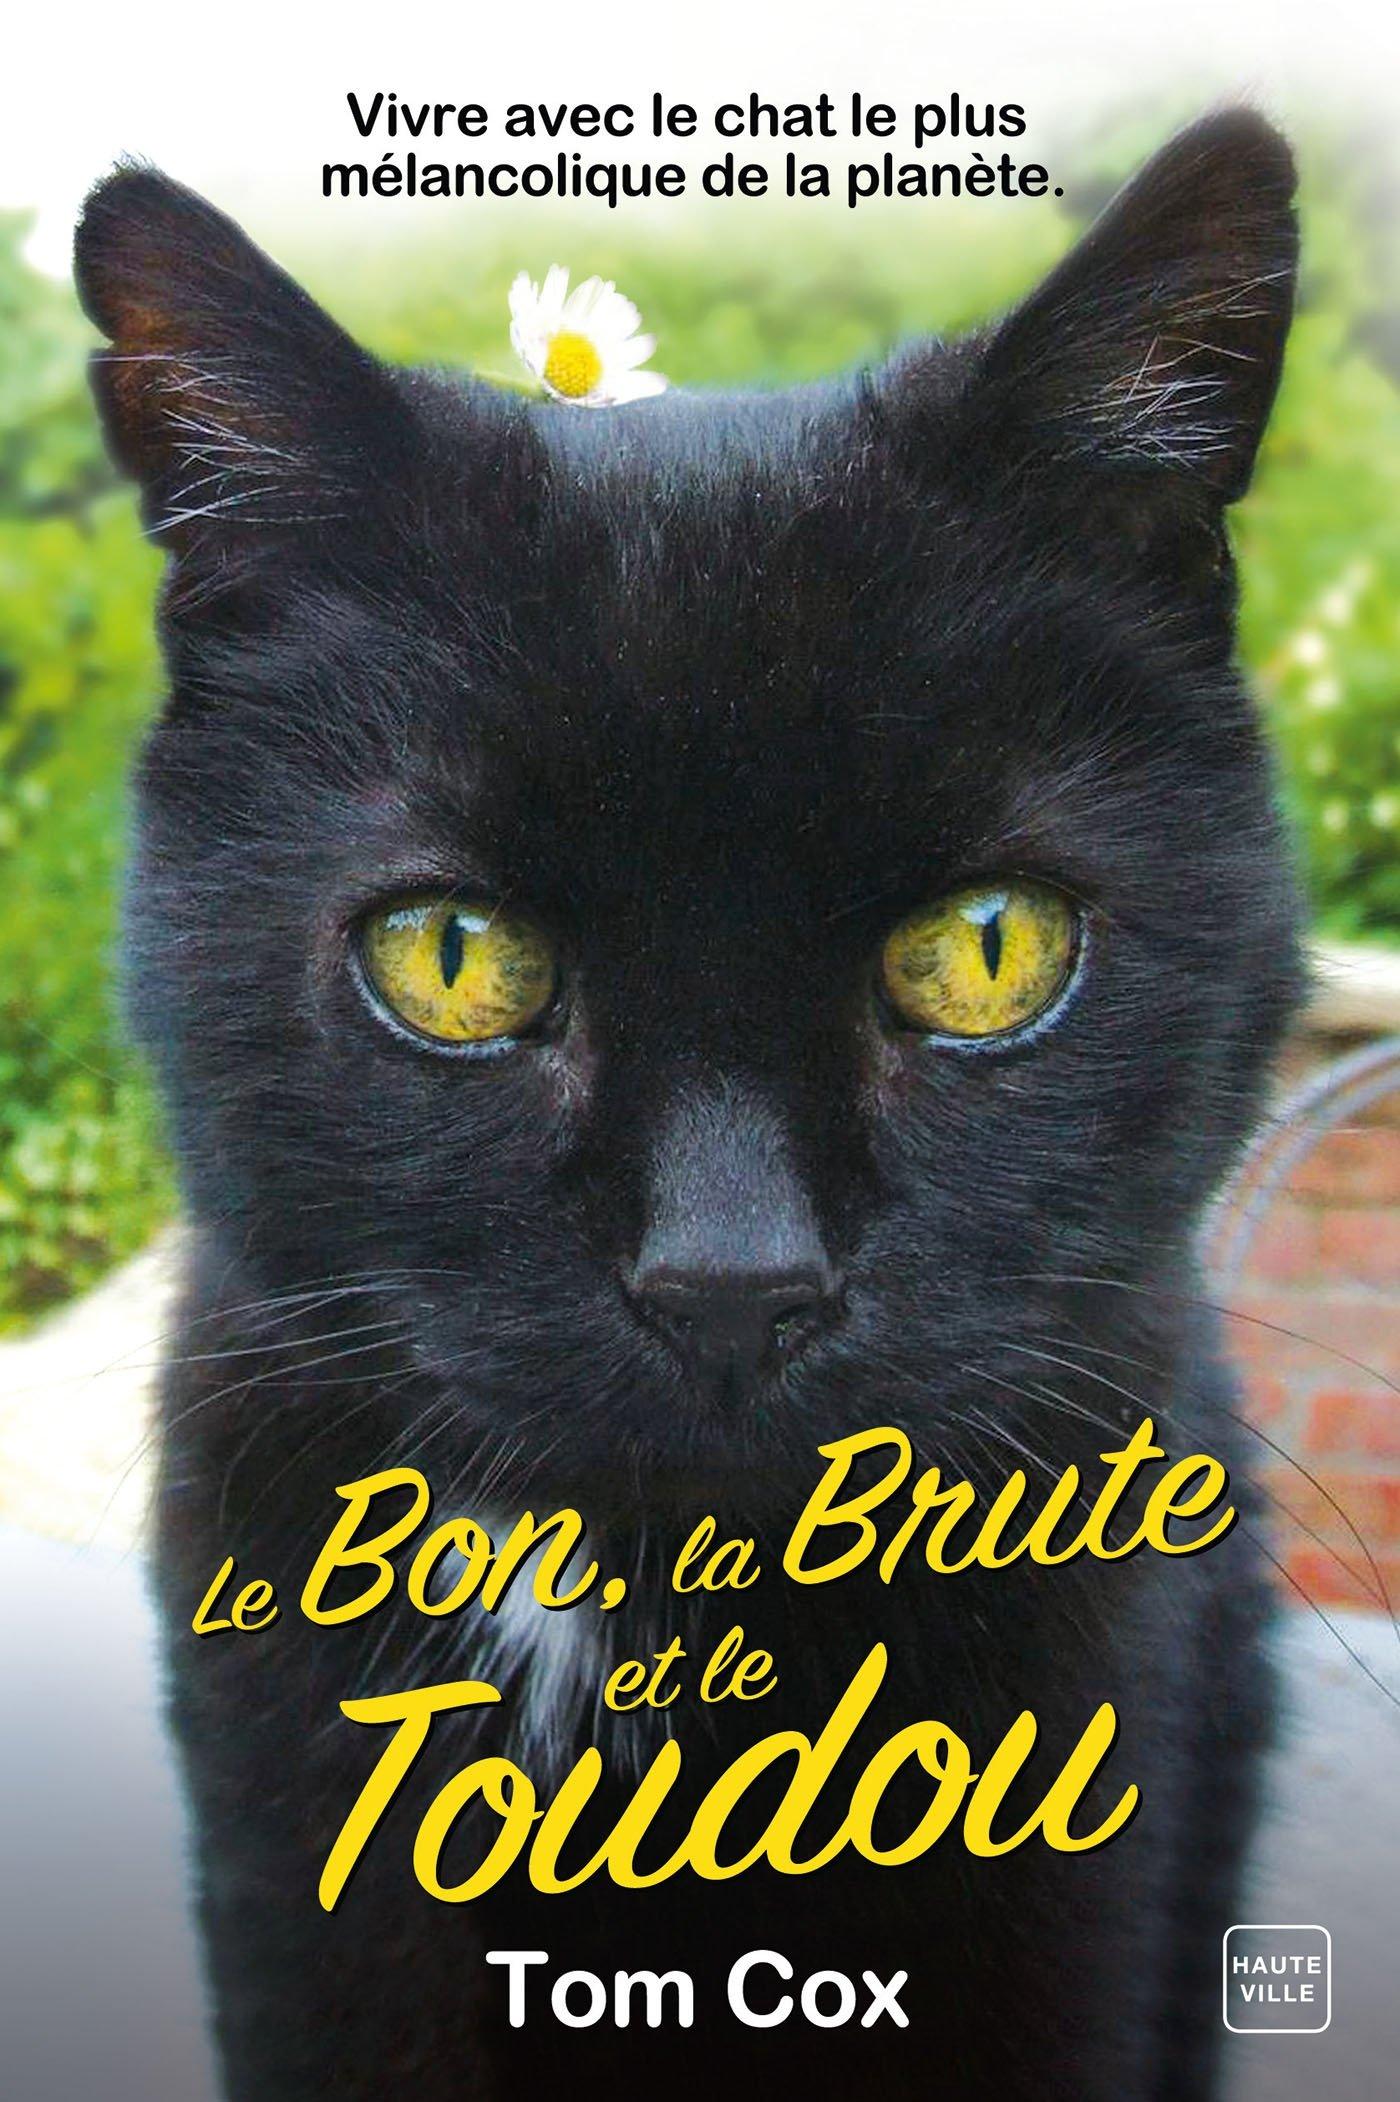 Le Bon, la Brute et le Toudou : un livre pour les amoureux de chats